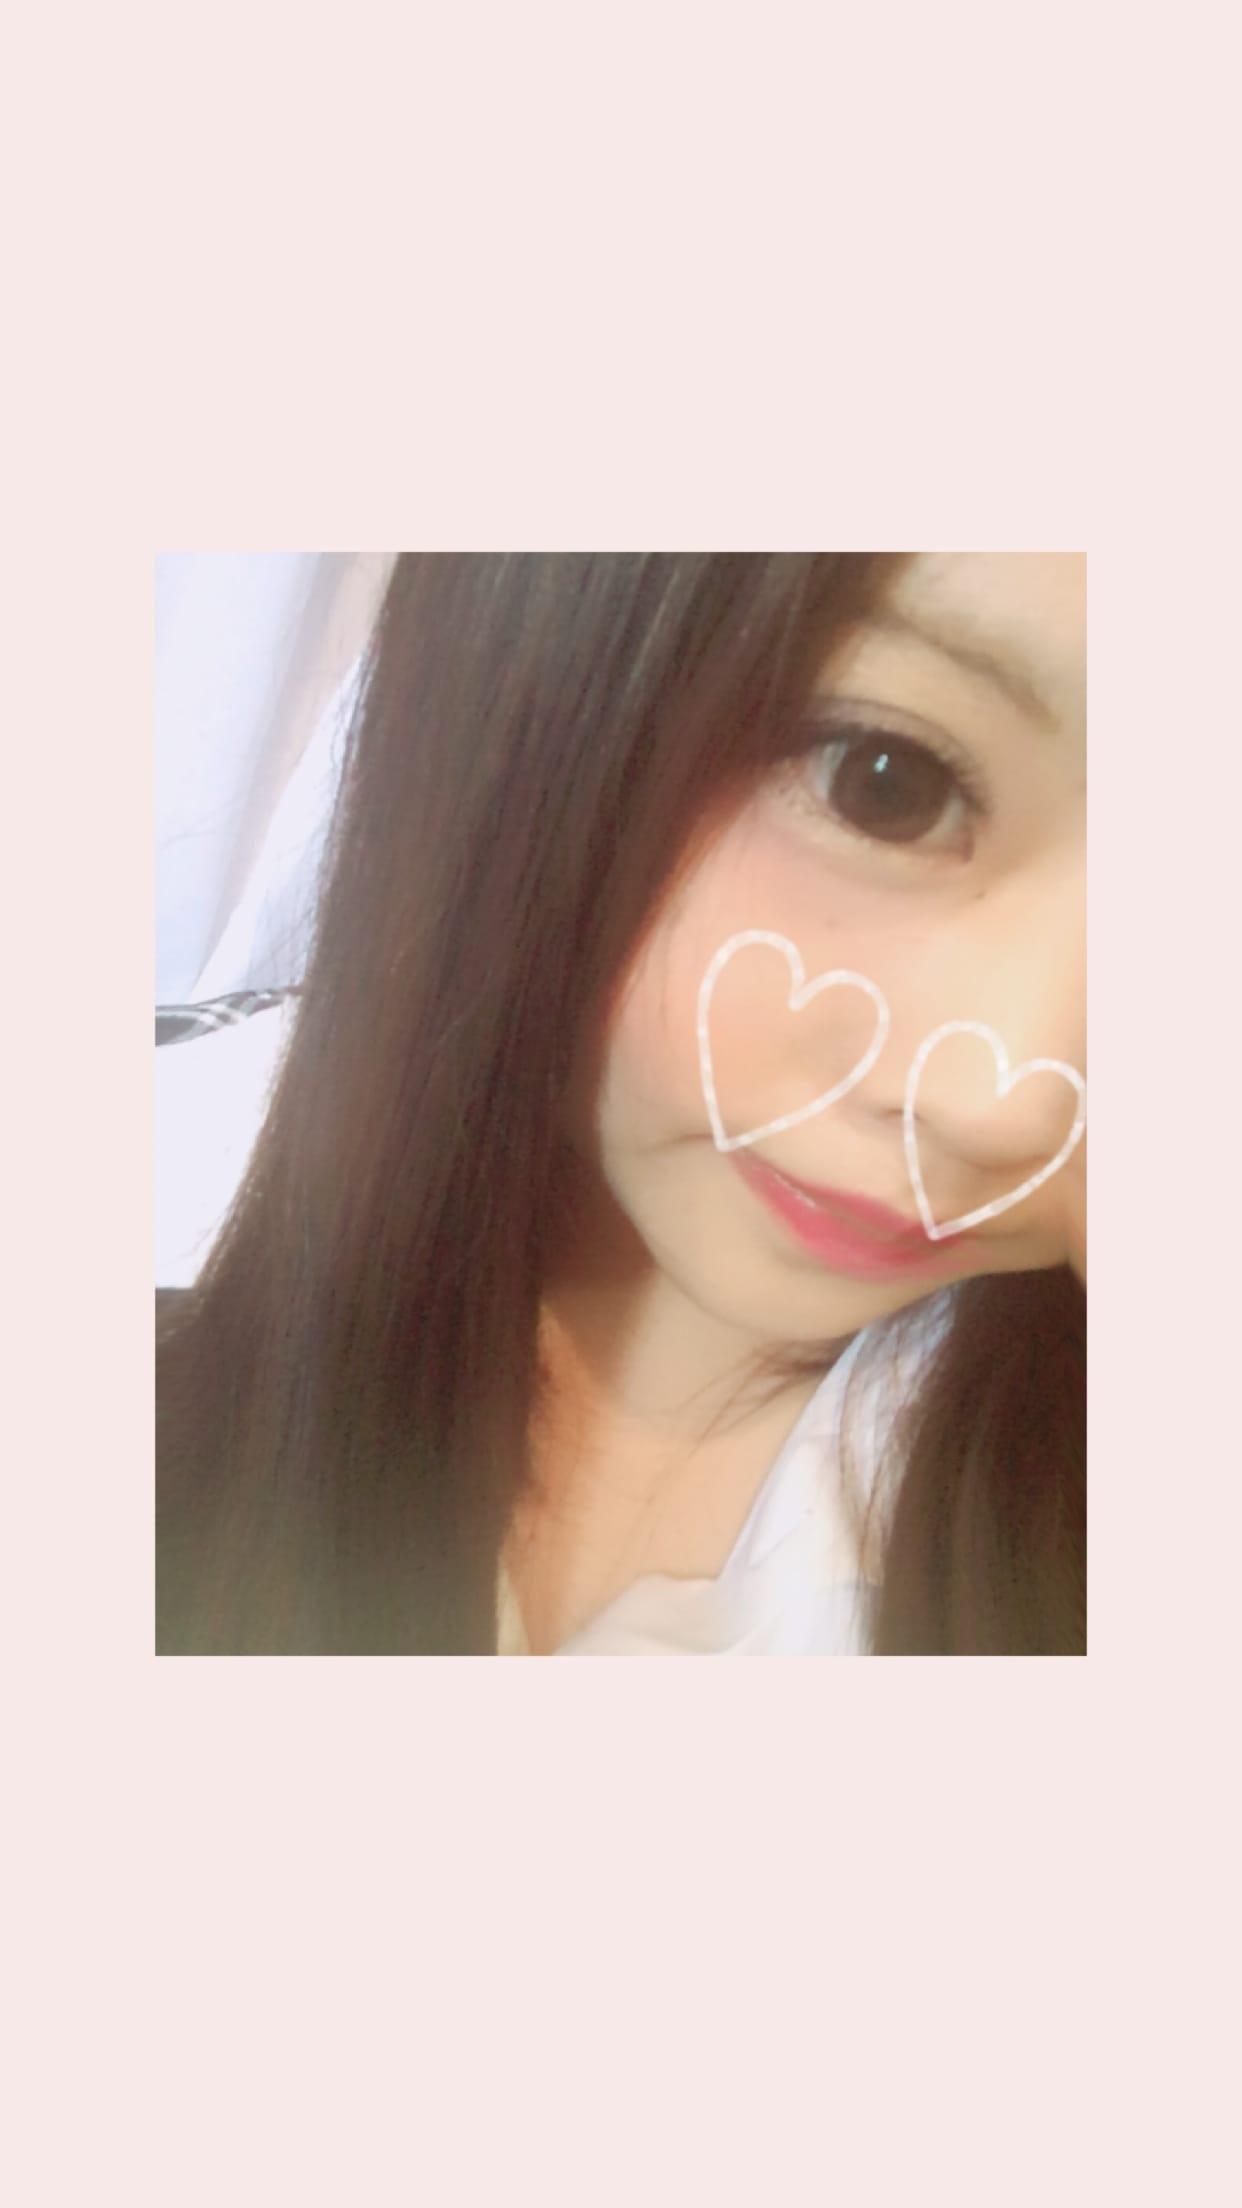 ルナ「お礼♡」10/16(月) 20:31 | ルナの写メ・風俗動画